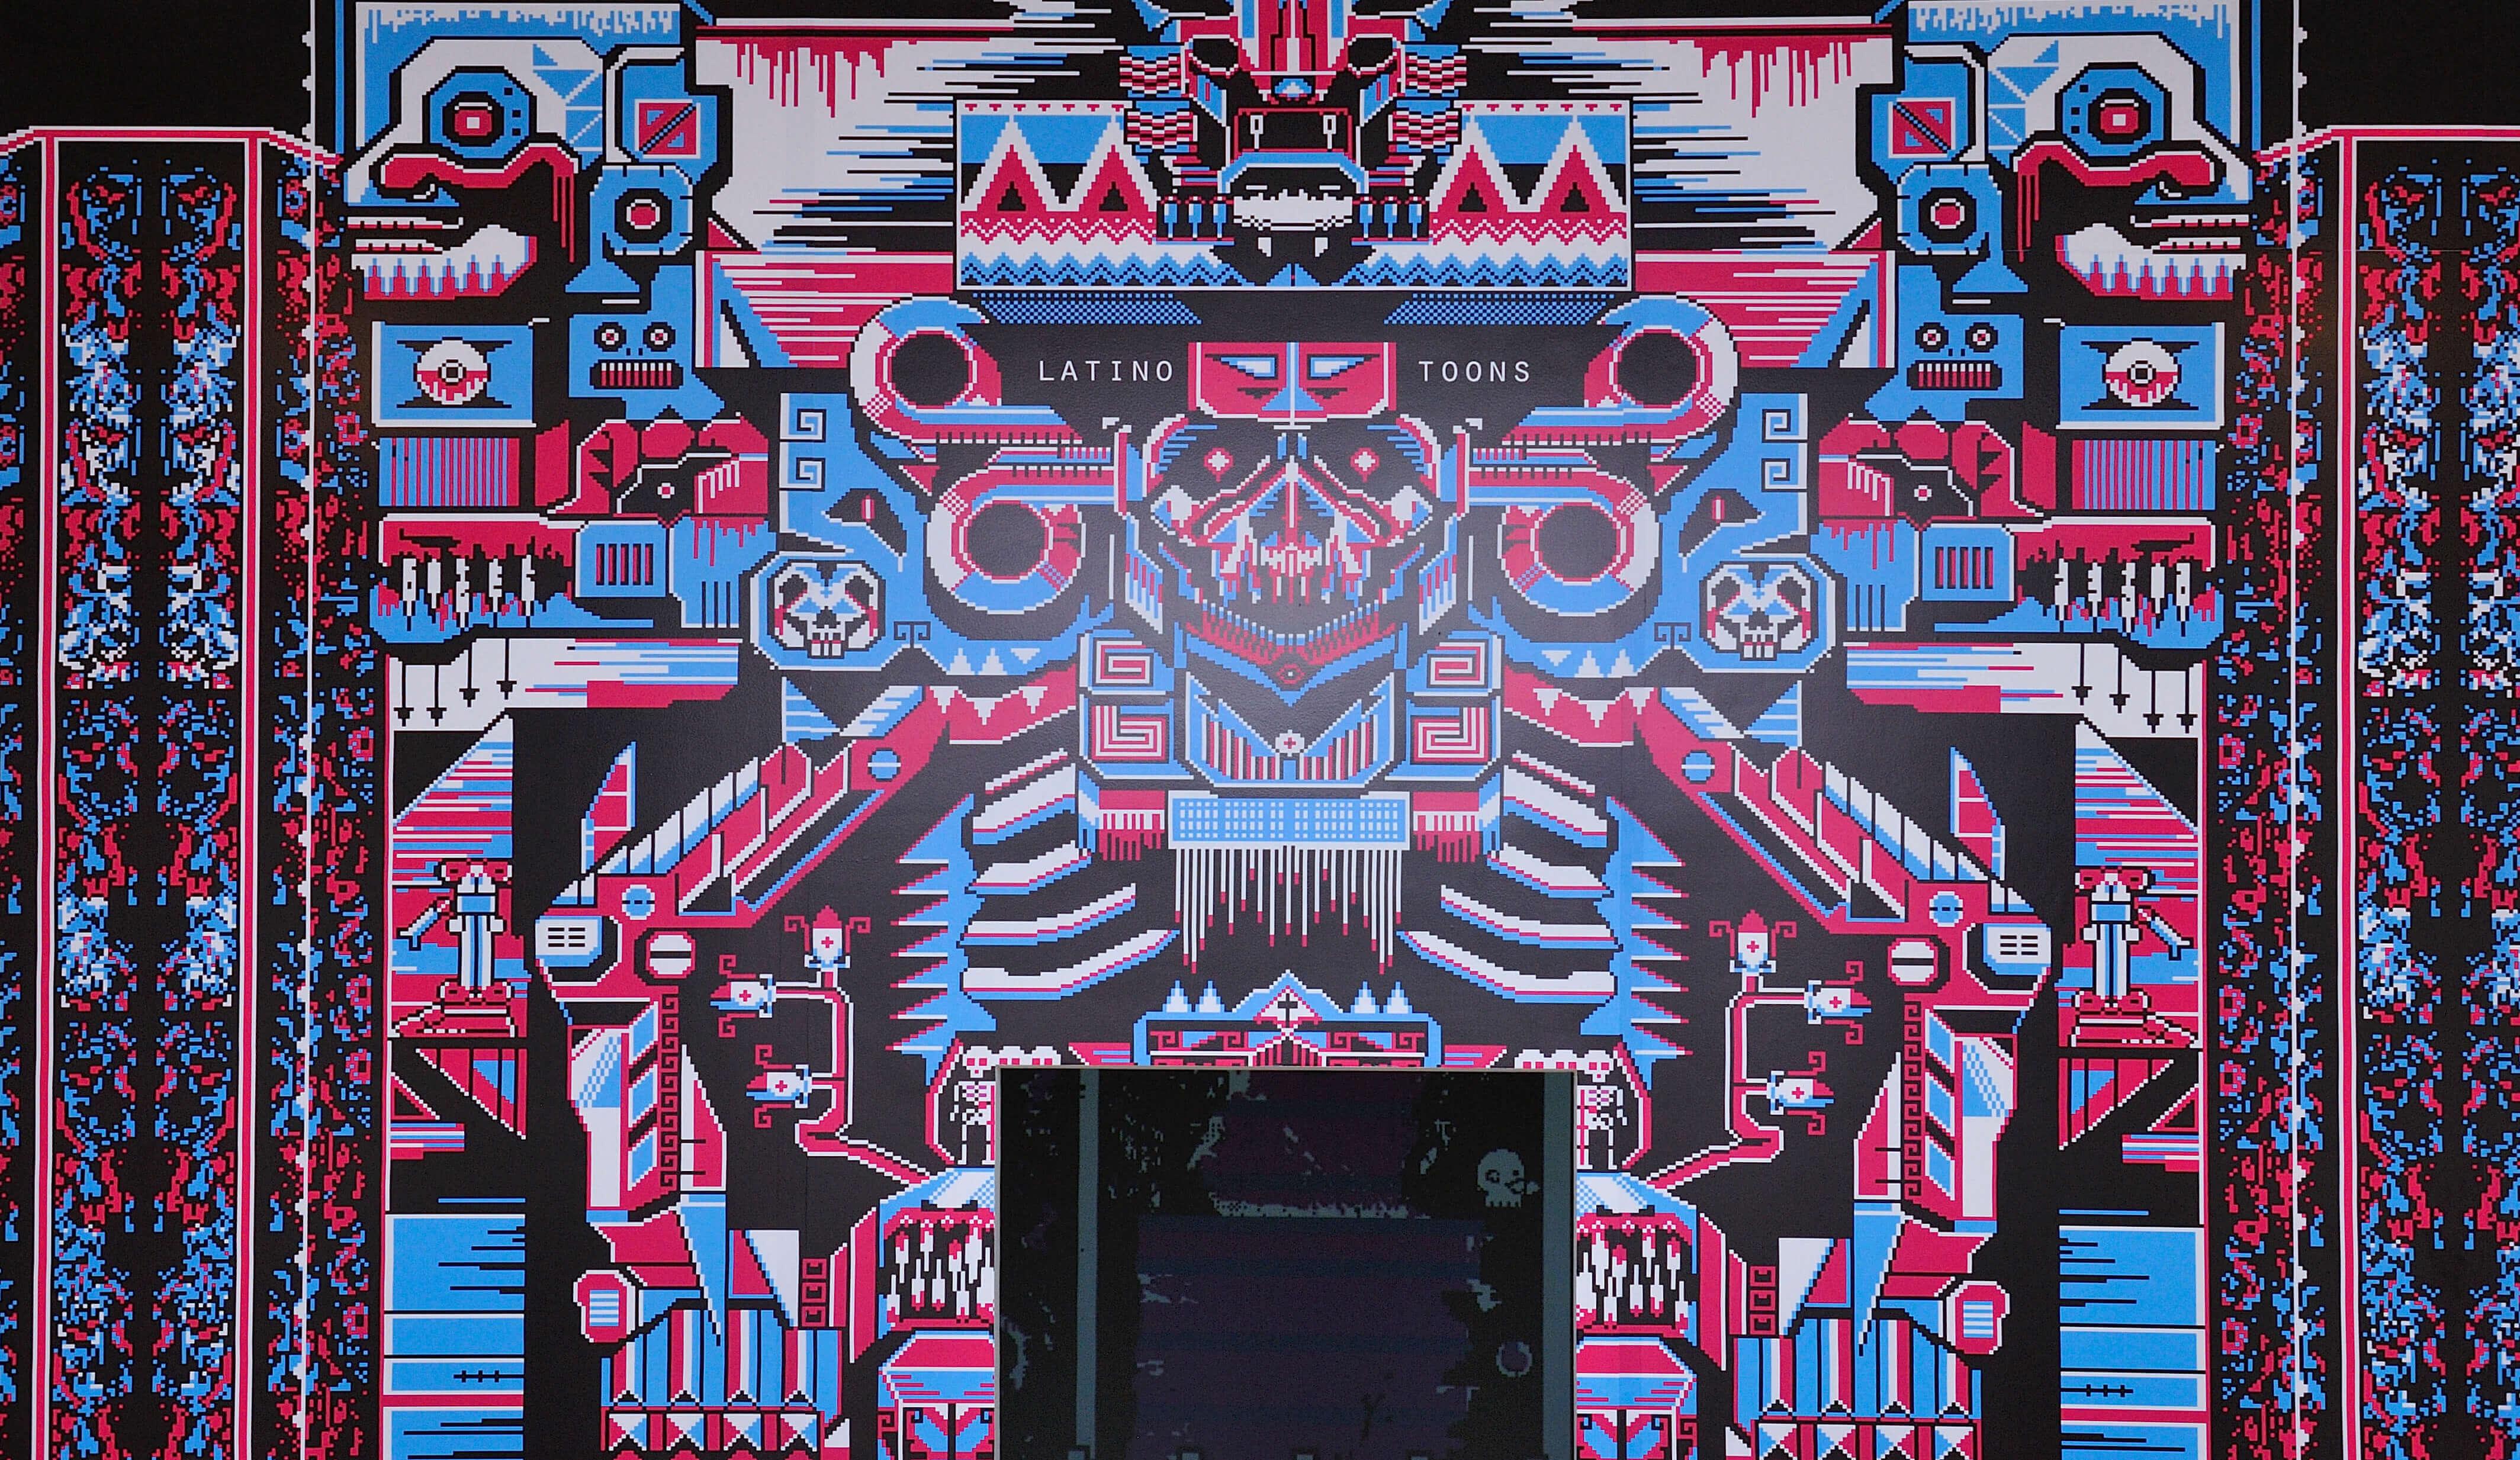 Pixel Death (Mictlán) | Latino toons. Taco de ojo: Tlacuilo | Museo Amparo, Puebla